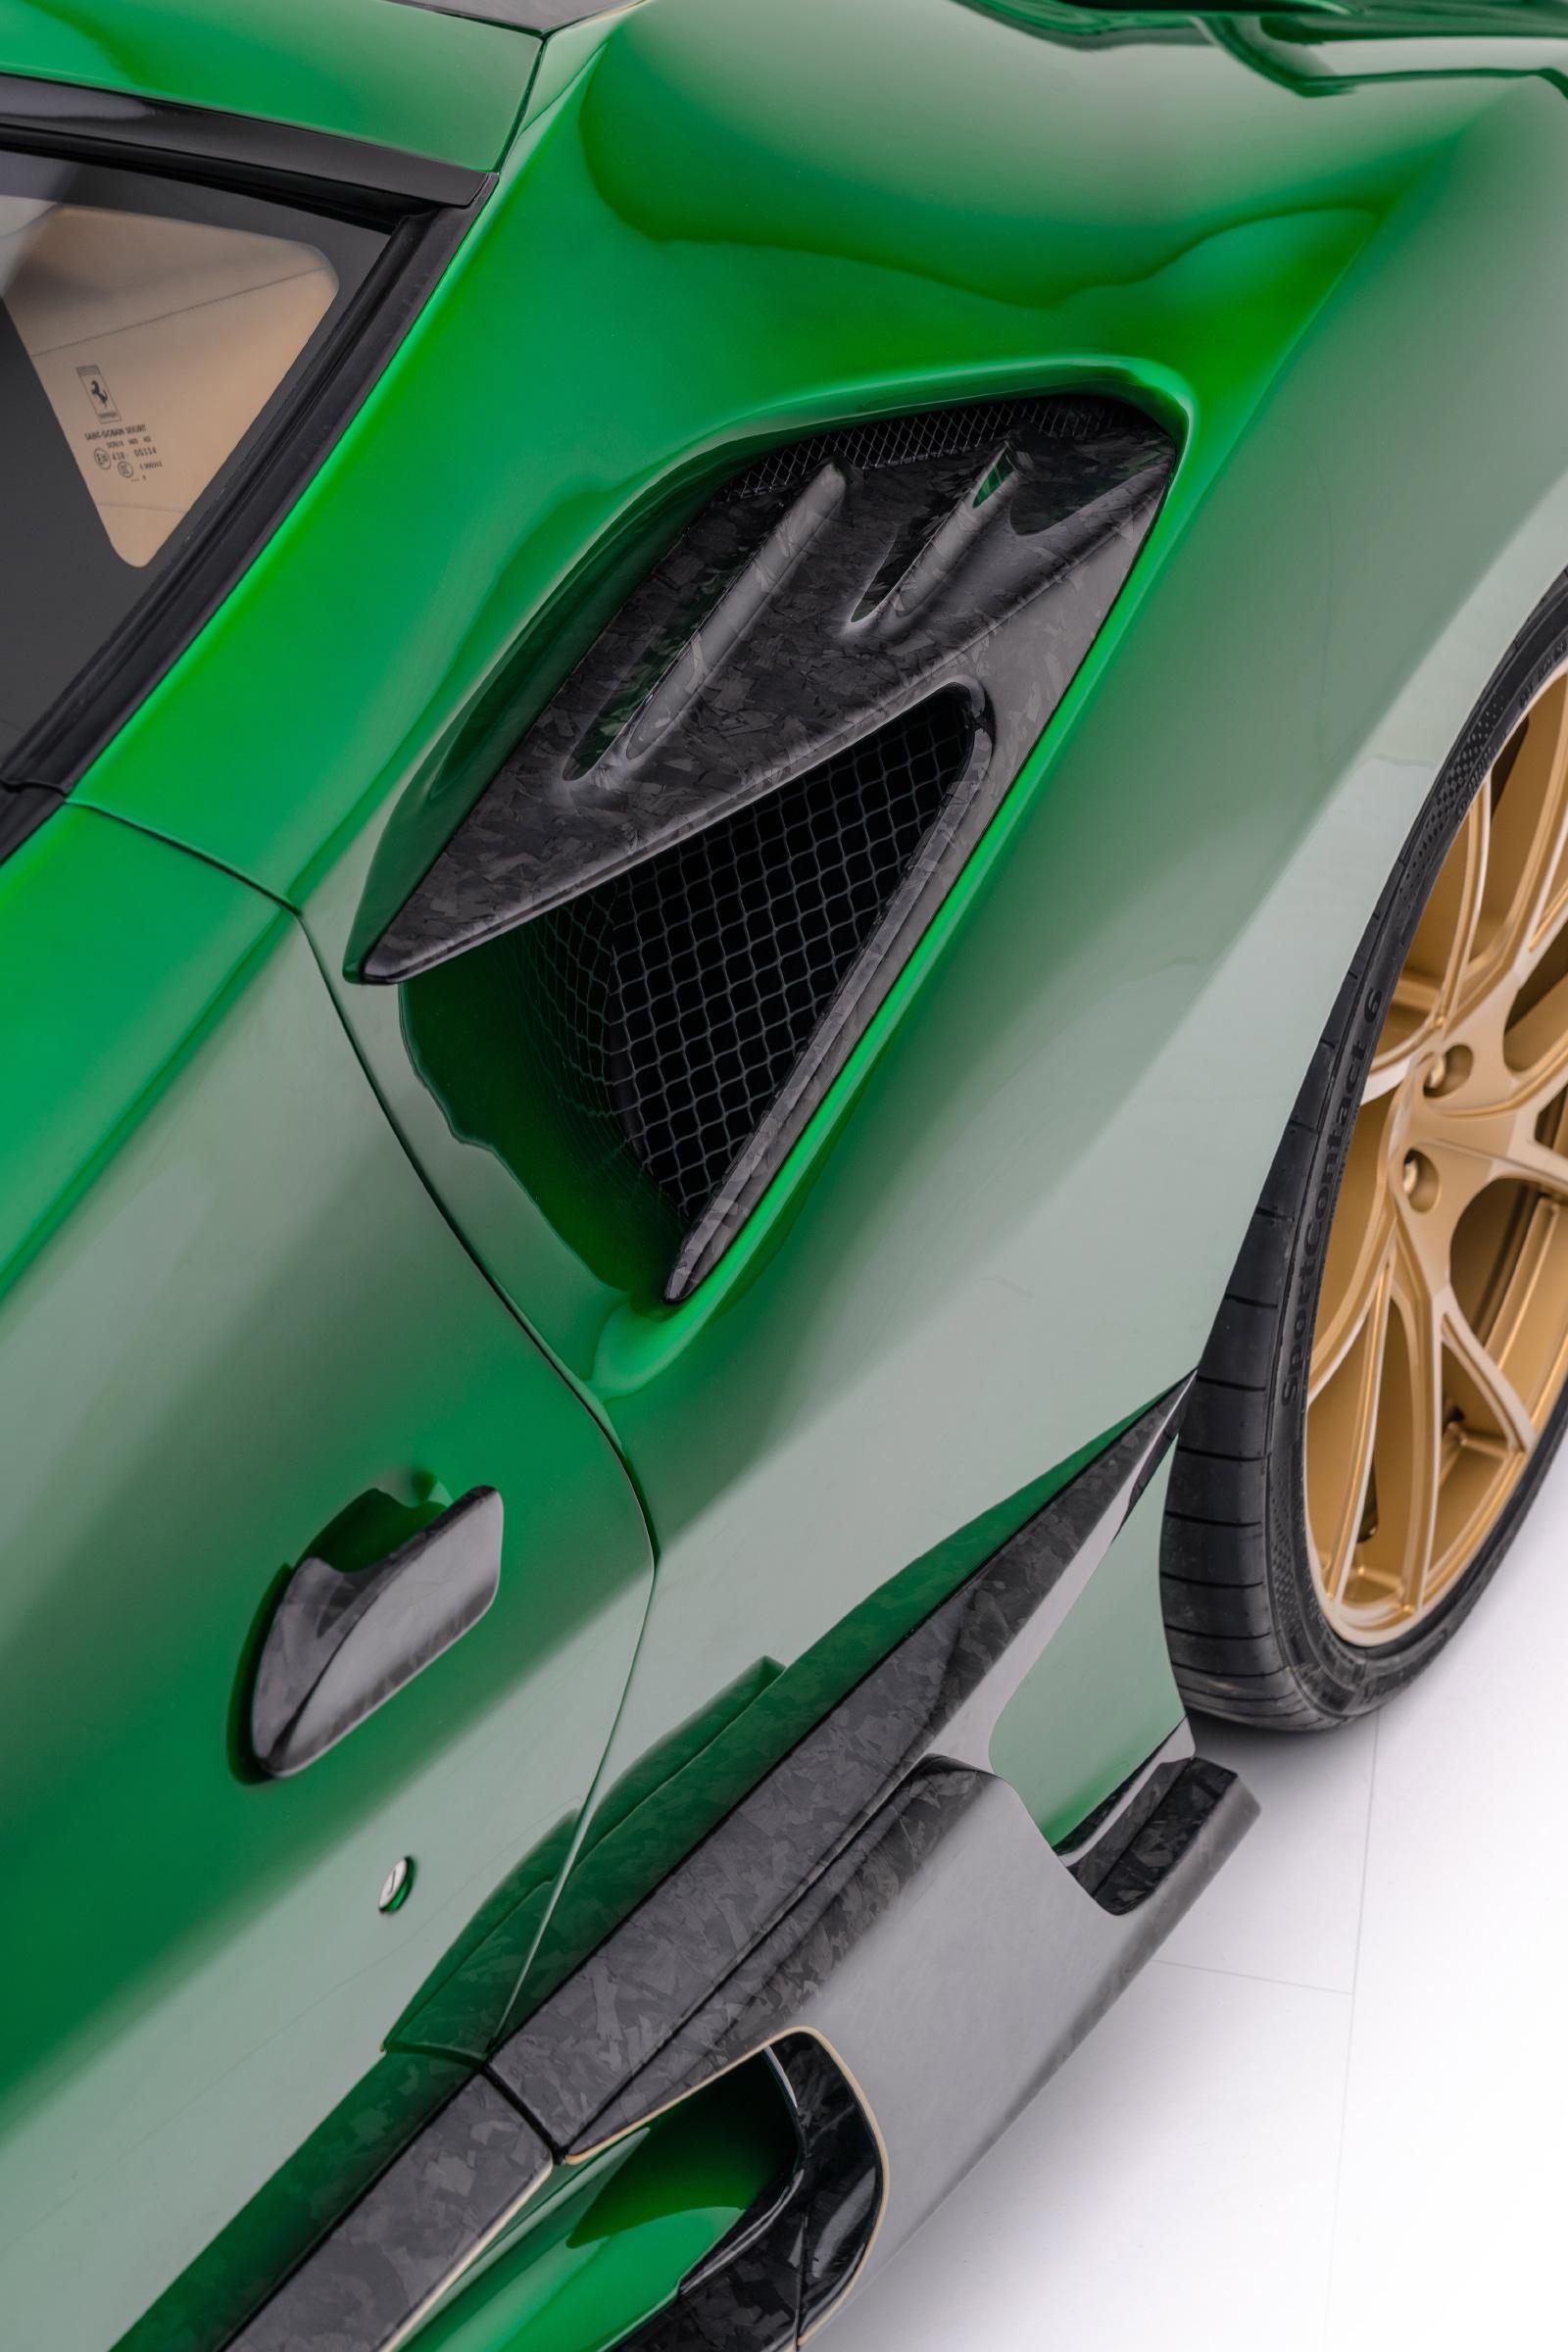 mansory f8xx ferrari f8 body kit carbon fiber rear fender air intake splitter 2020 2021